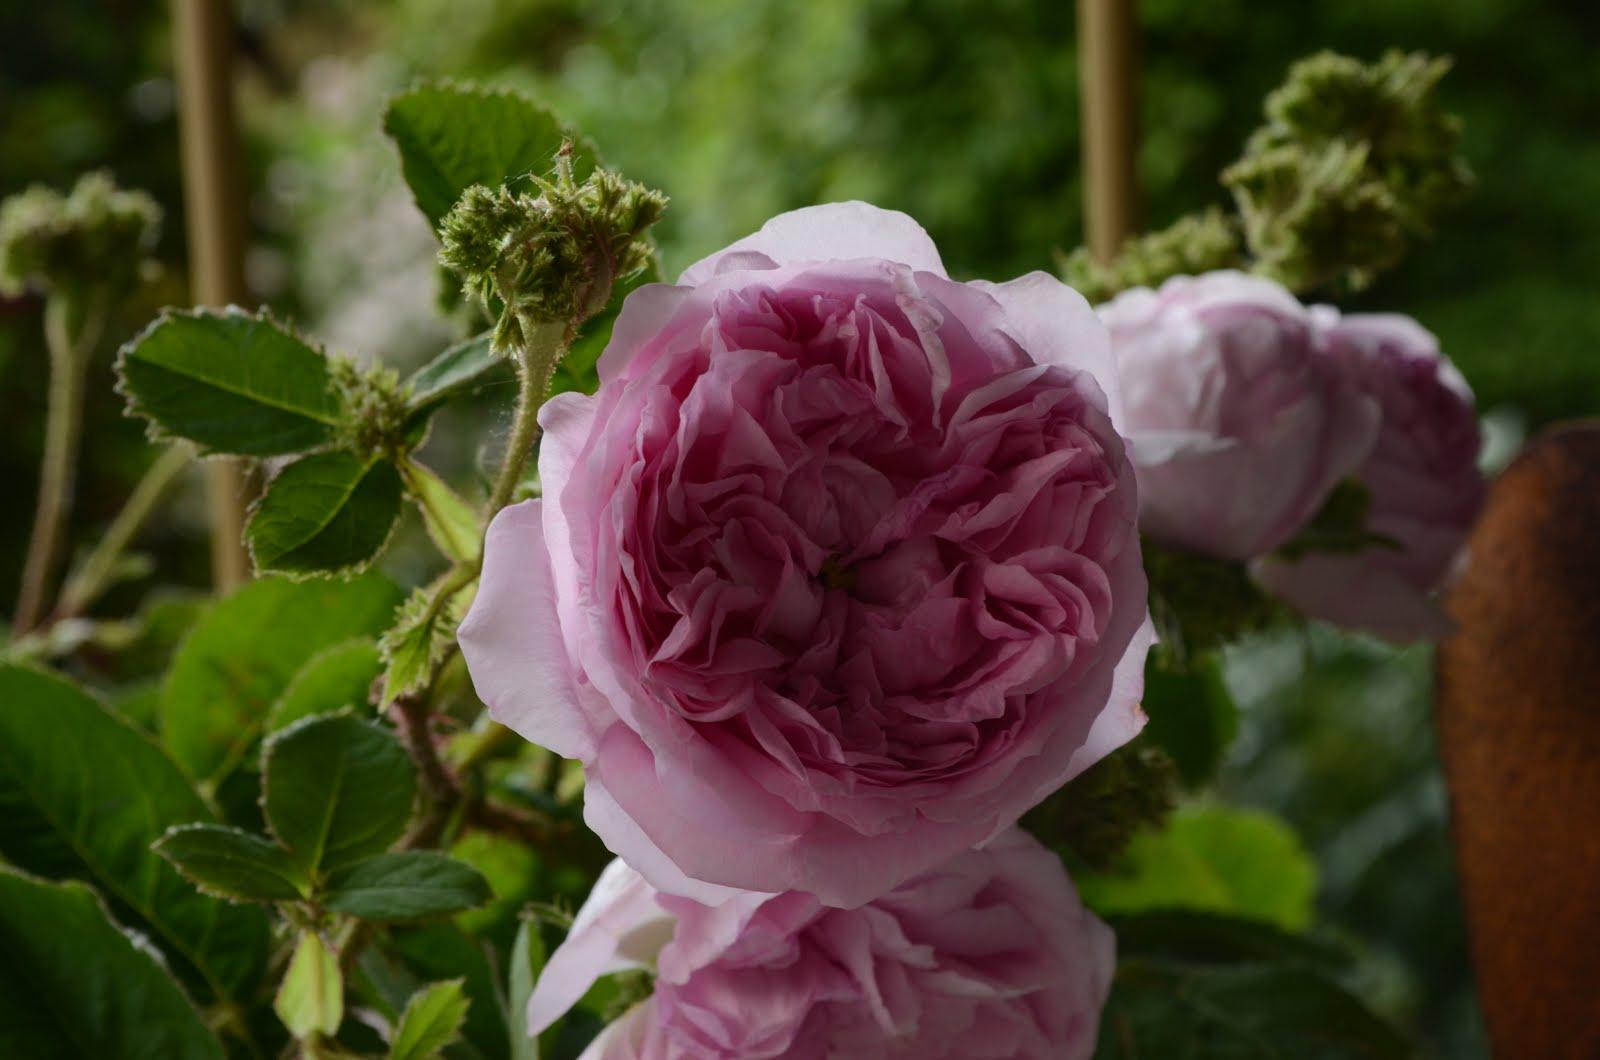 Britta liebt Rosen